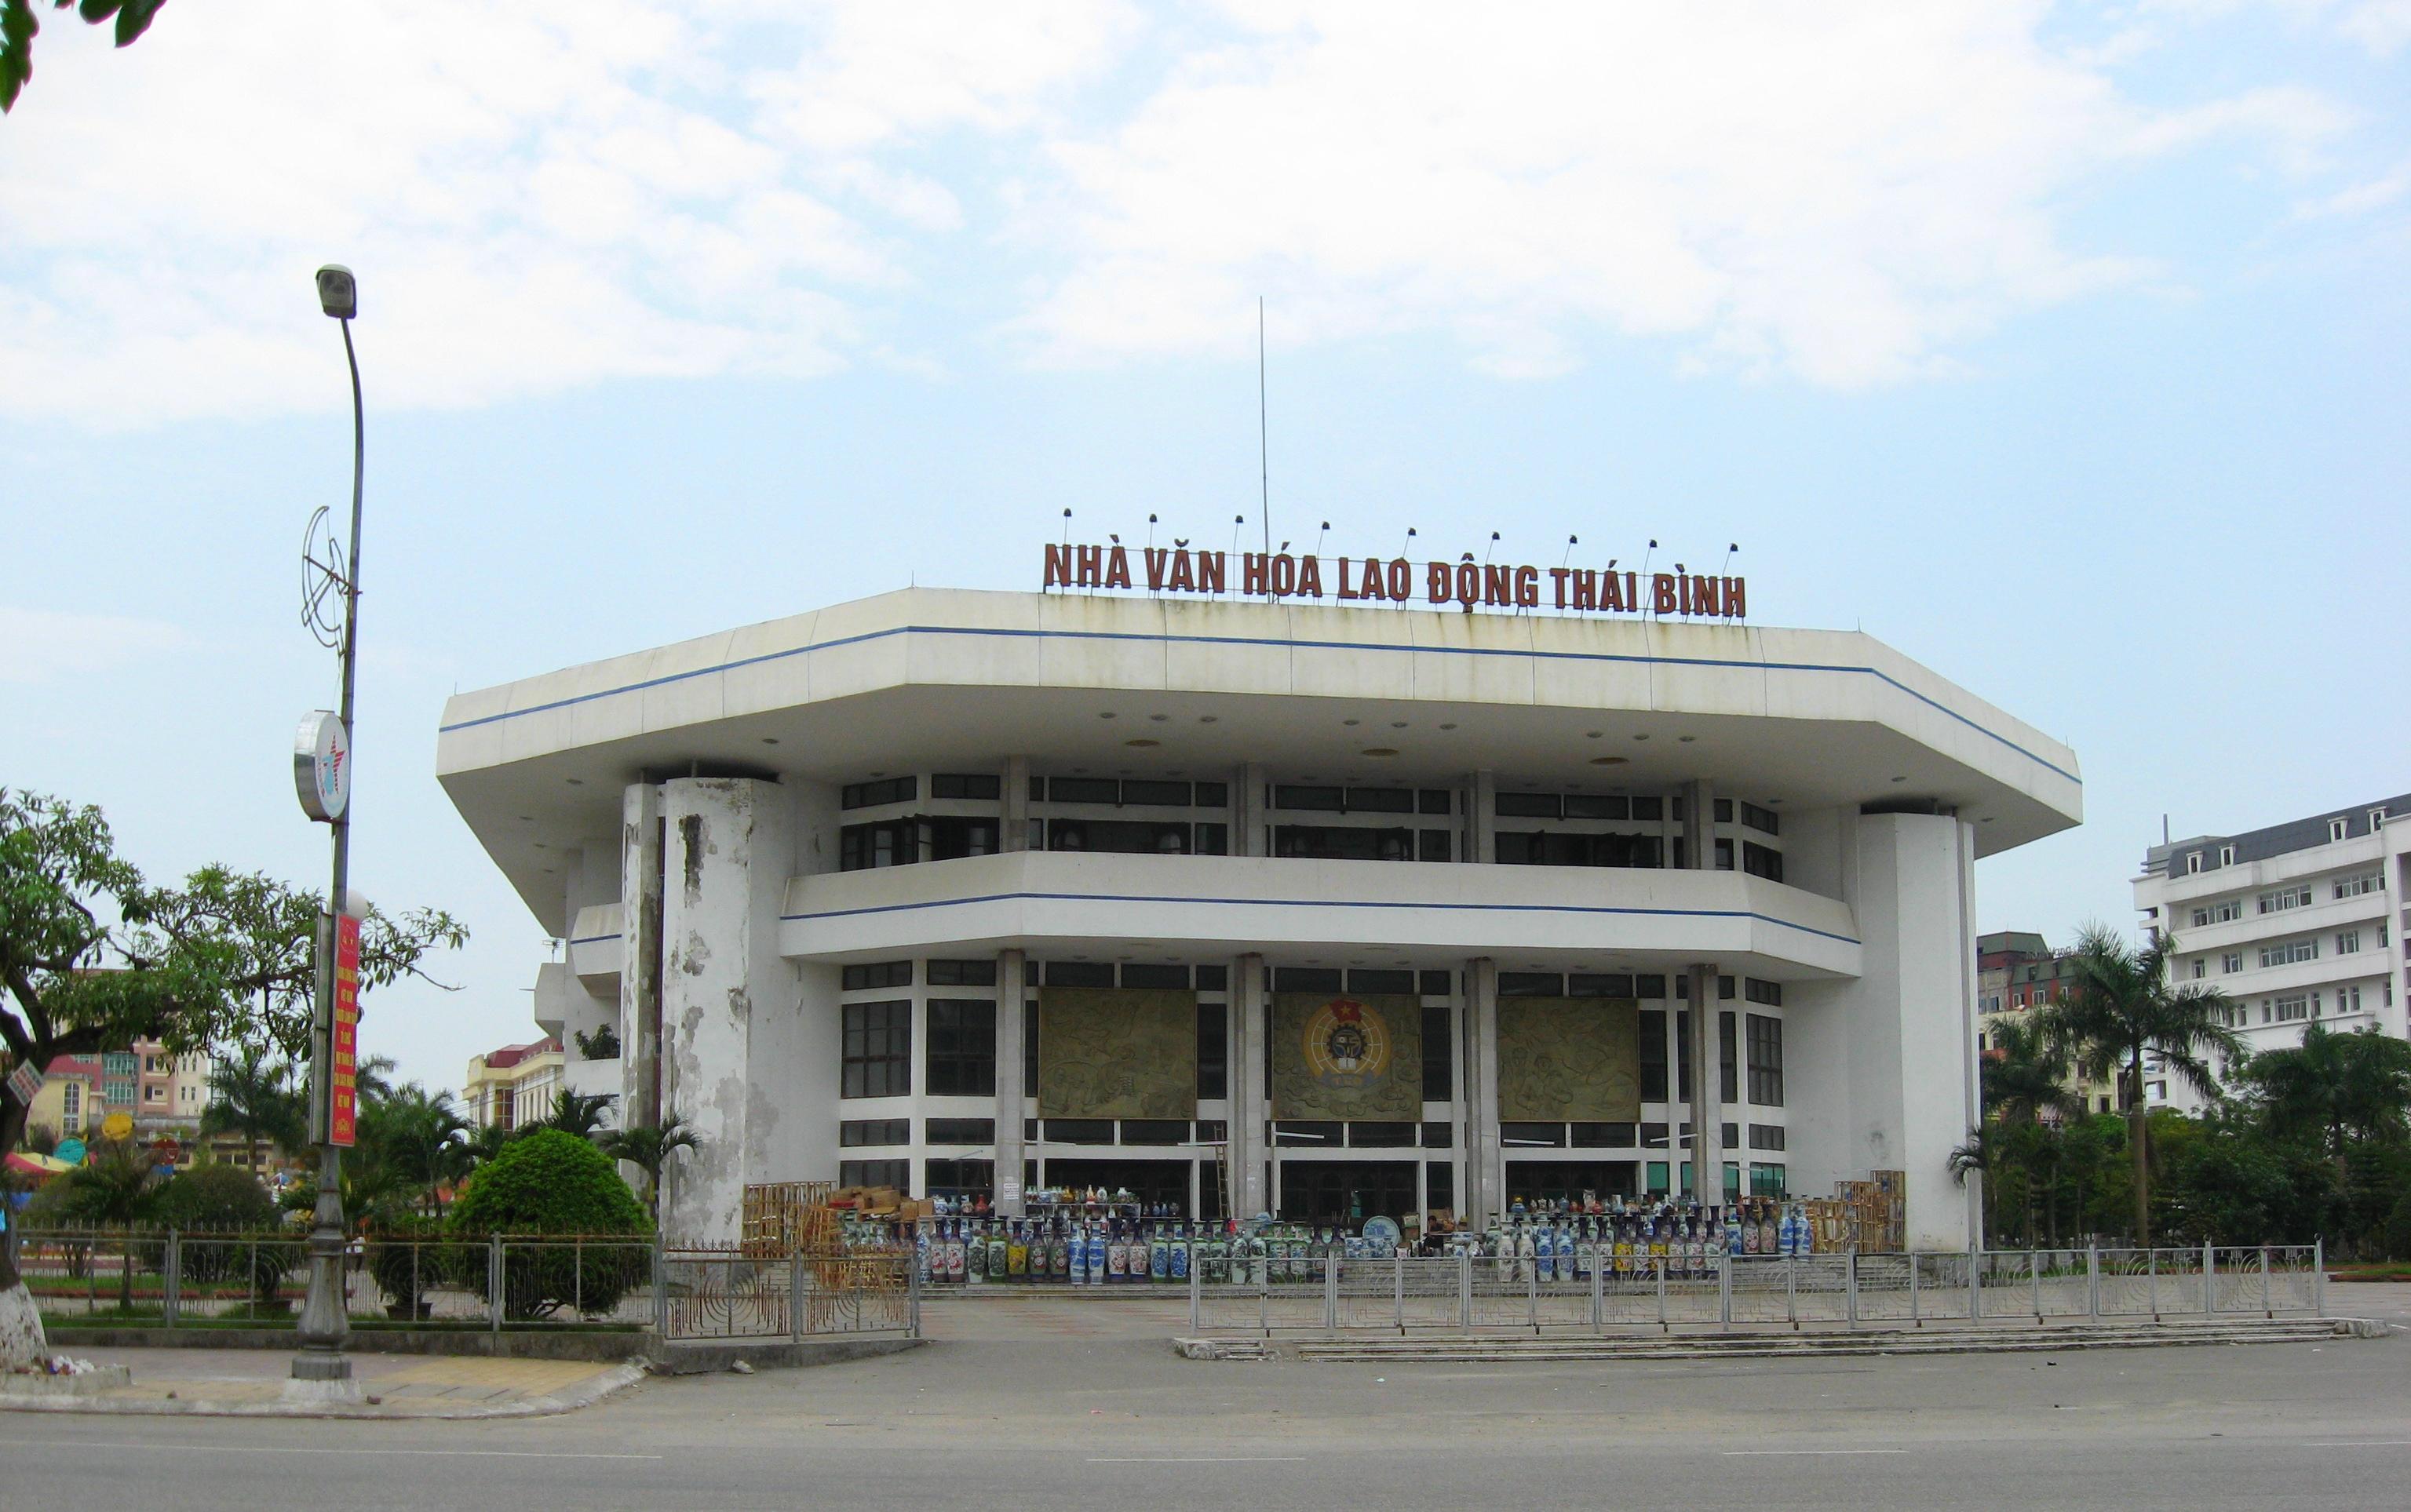 Bán nhớt Shell giá rẻ tại Thái Bình